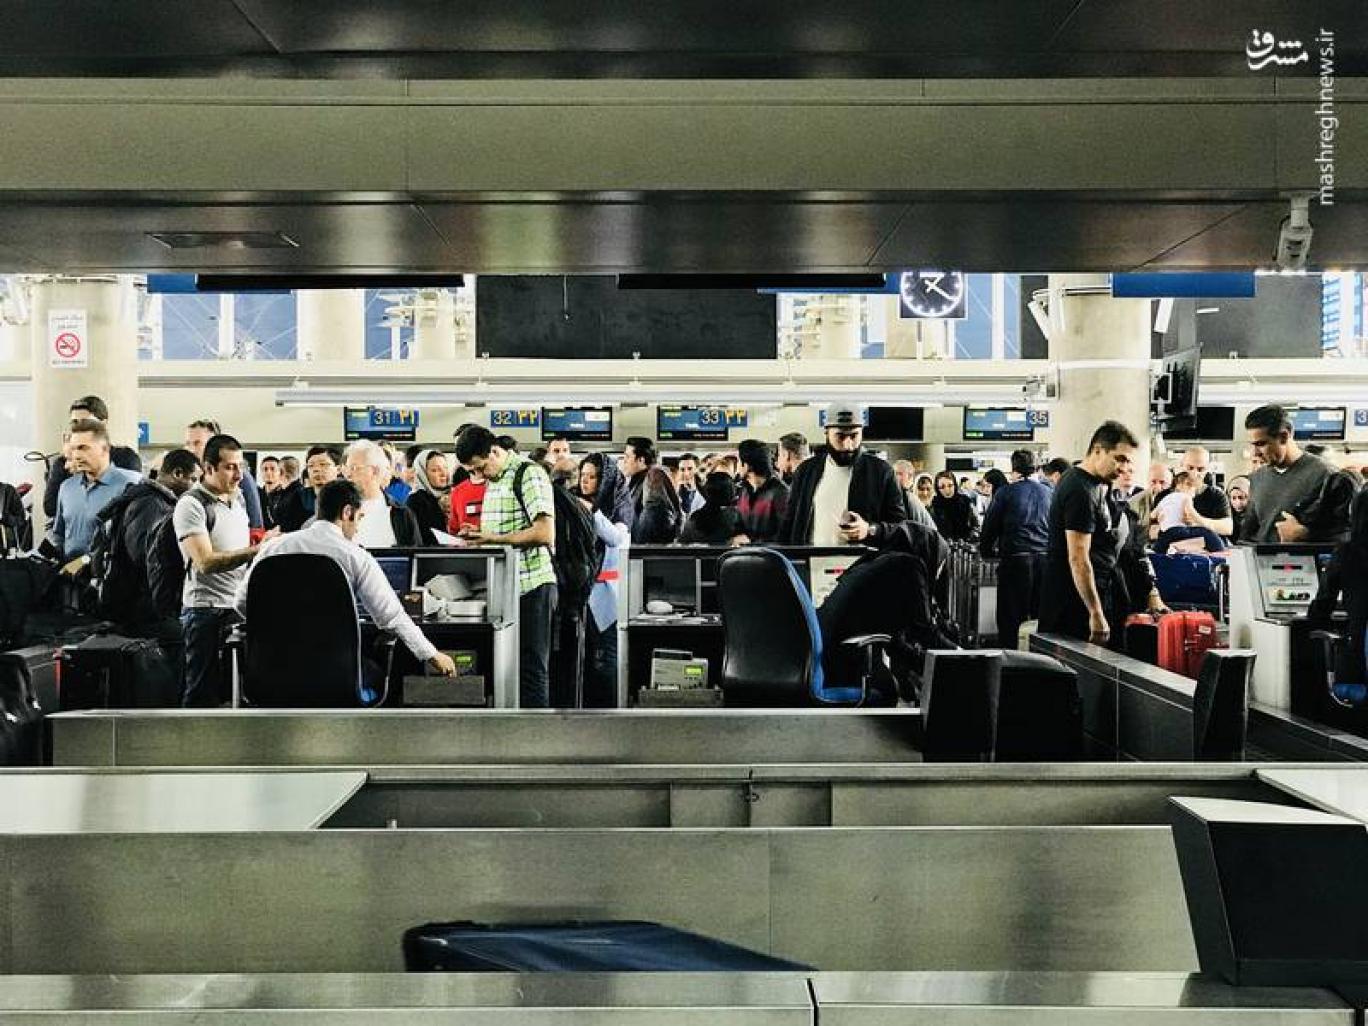 پنج موج مهاجرت از ایران در دوران جمهوری اسلامی